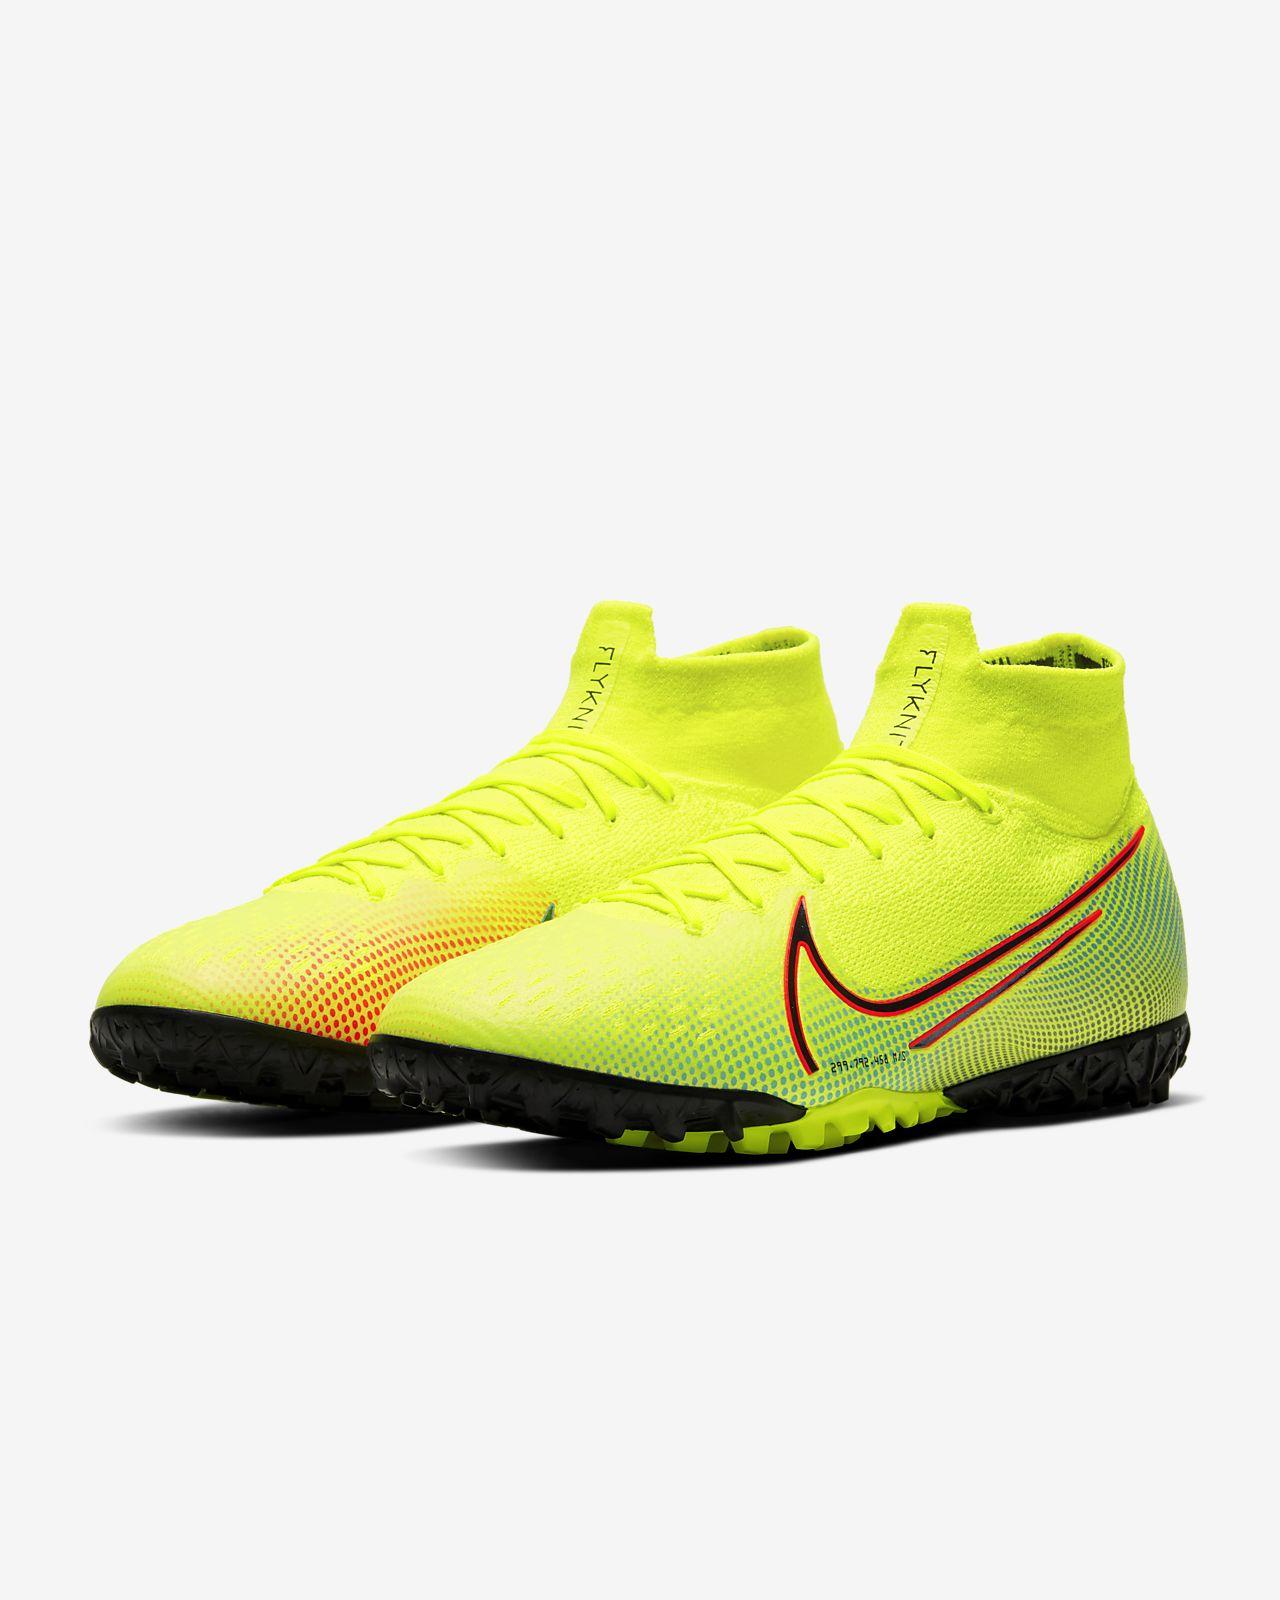 Sapatilhas de futebol para relva artificial Nike Mercurial Superfly 7 Elite MDS TF